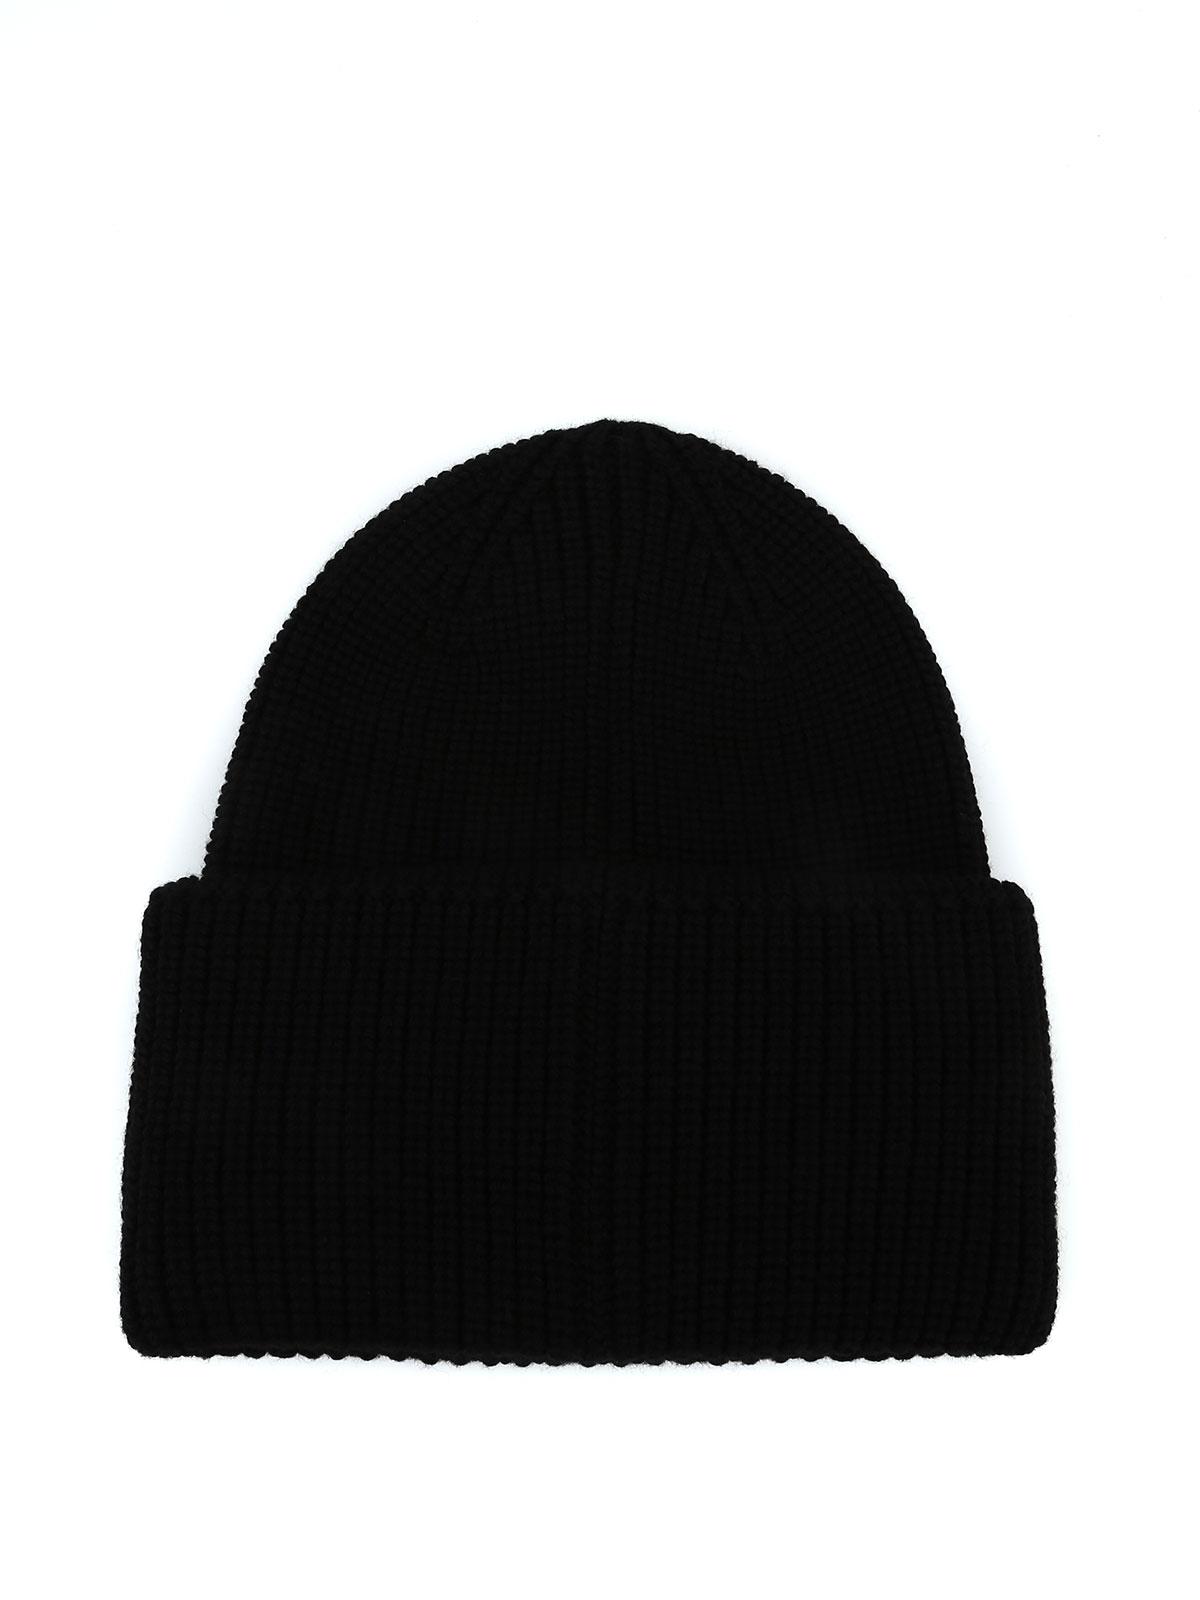 b0e8b576f1d Moncler - Black rib knitted pure wool Moncler beanie - beanies - D2 ...